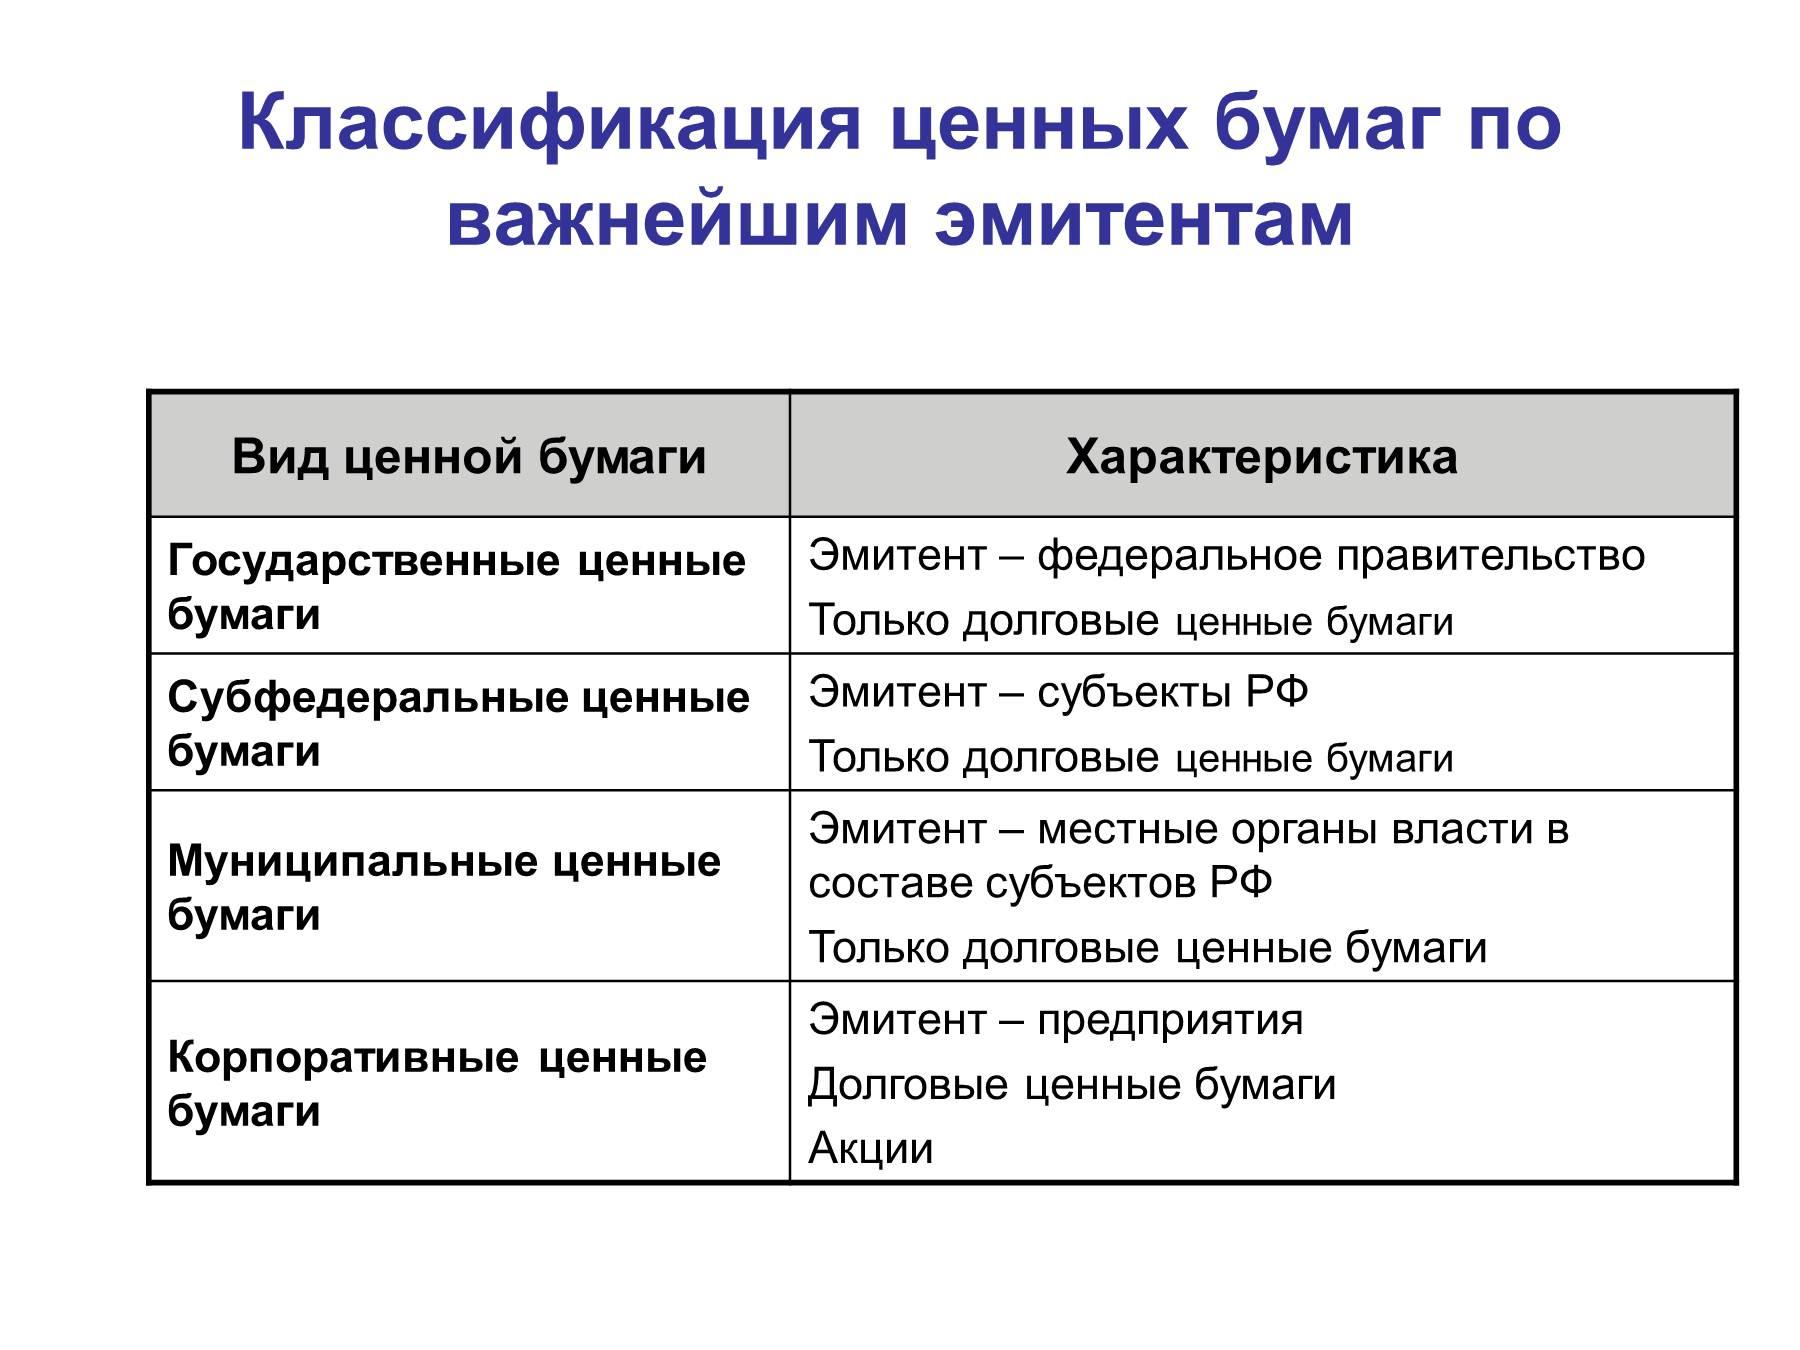 Условия выпуска и обращения государственных ценных бумаг